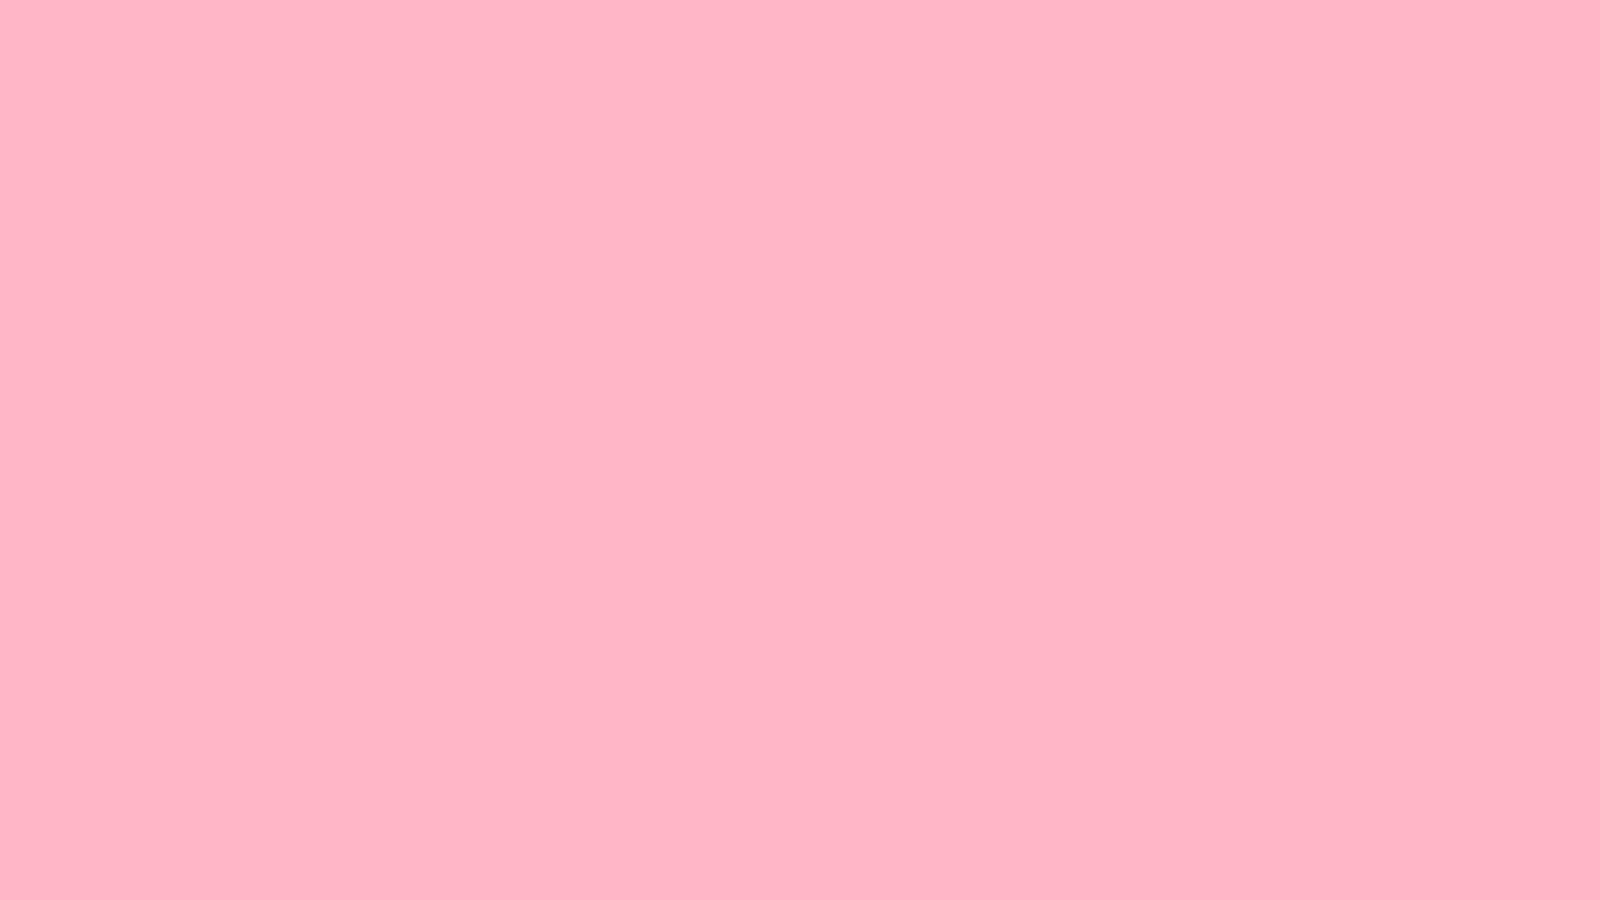 Pornostar cherry pink color